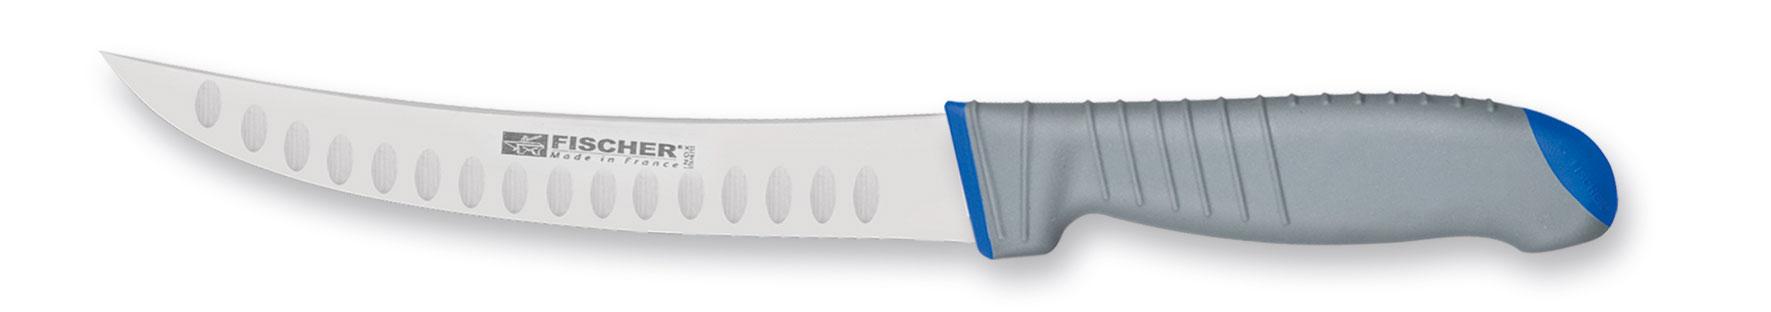 Couteau à parer lame courbe alvéolée 25 cm